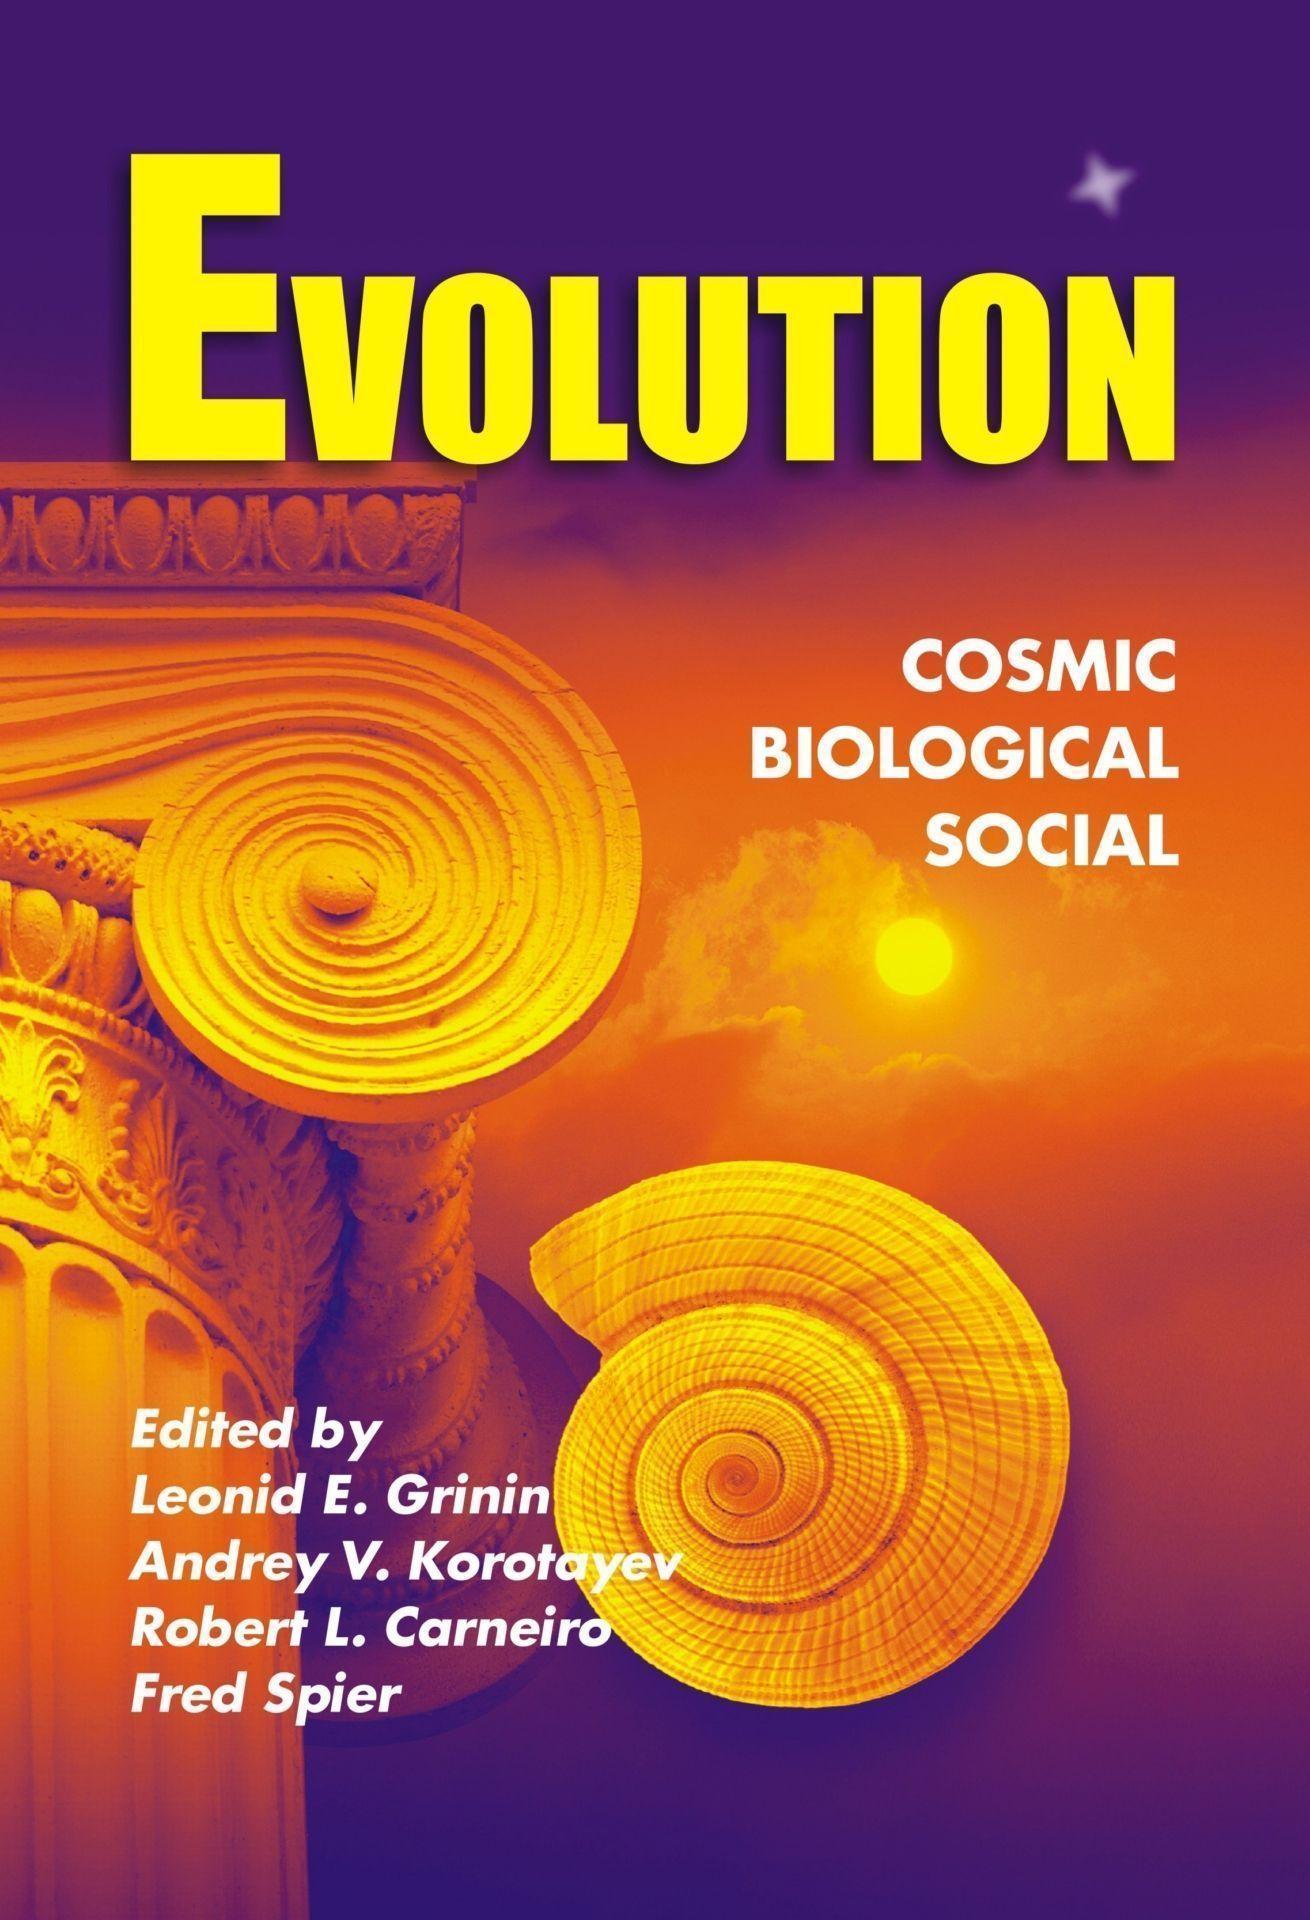 Evolution: Cosmic, Biological, and Social (Эволюция: Космическая, биологическая и социальная. Альманах на английском языке)